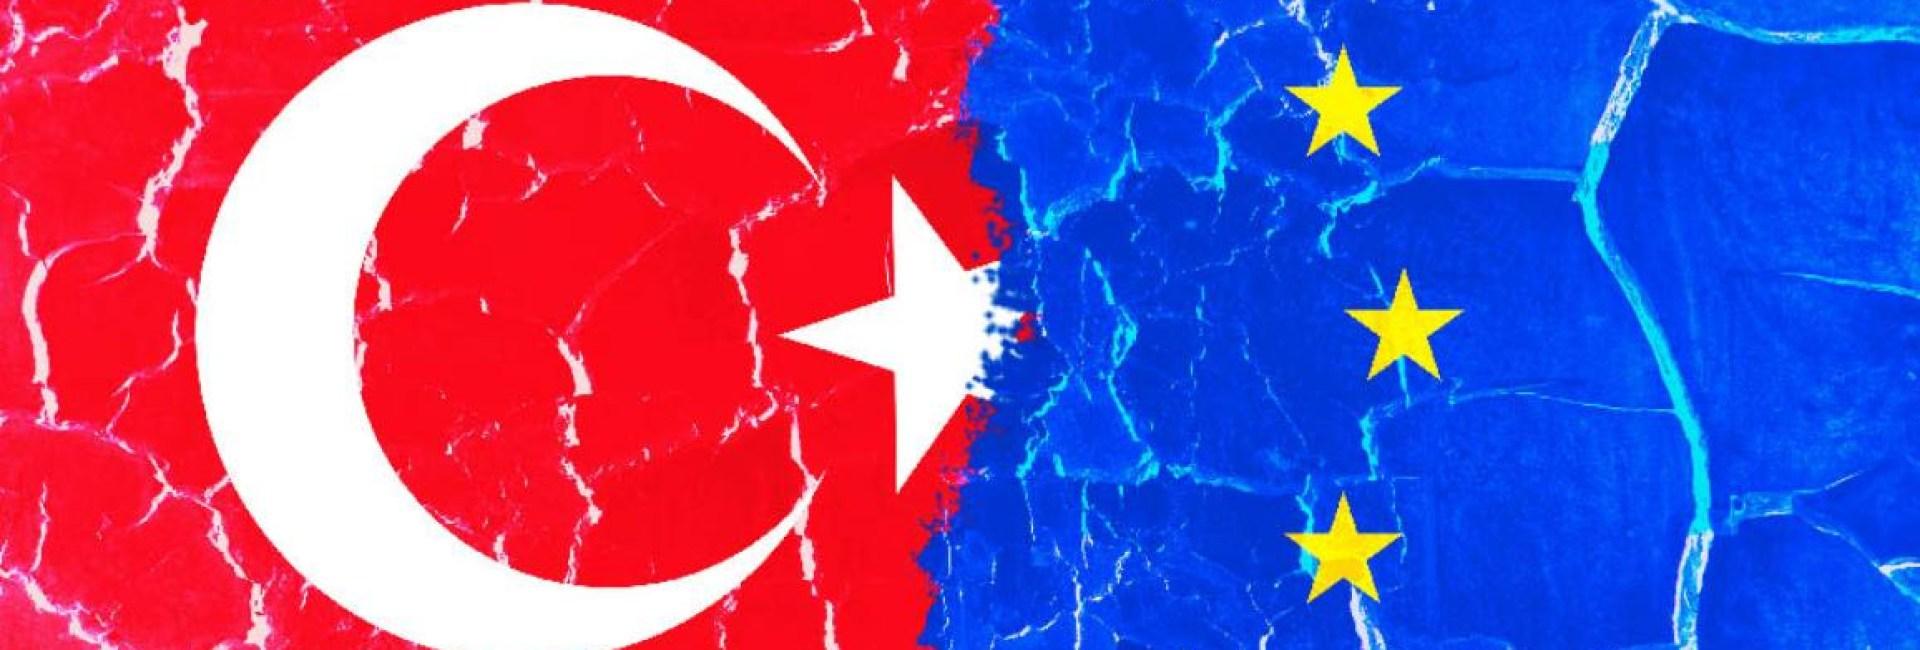 Ο εμπαιγμός της Ε.Ε. από την Τουρκία